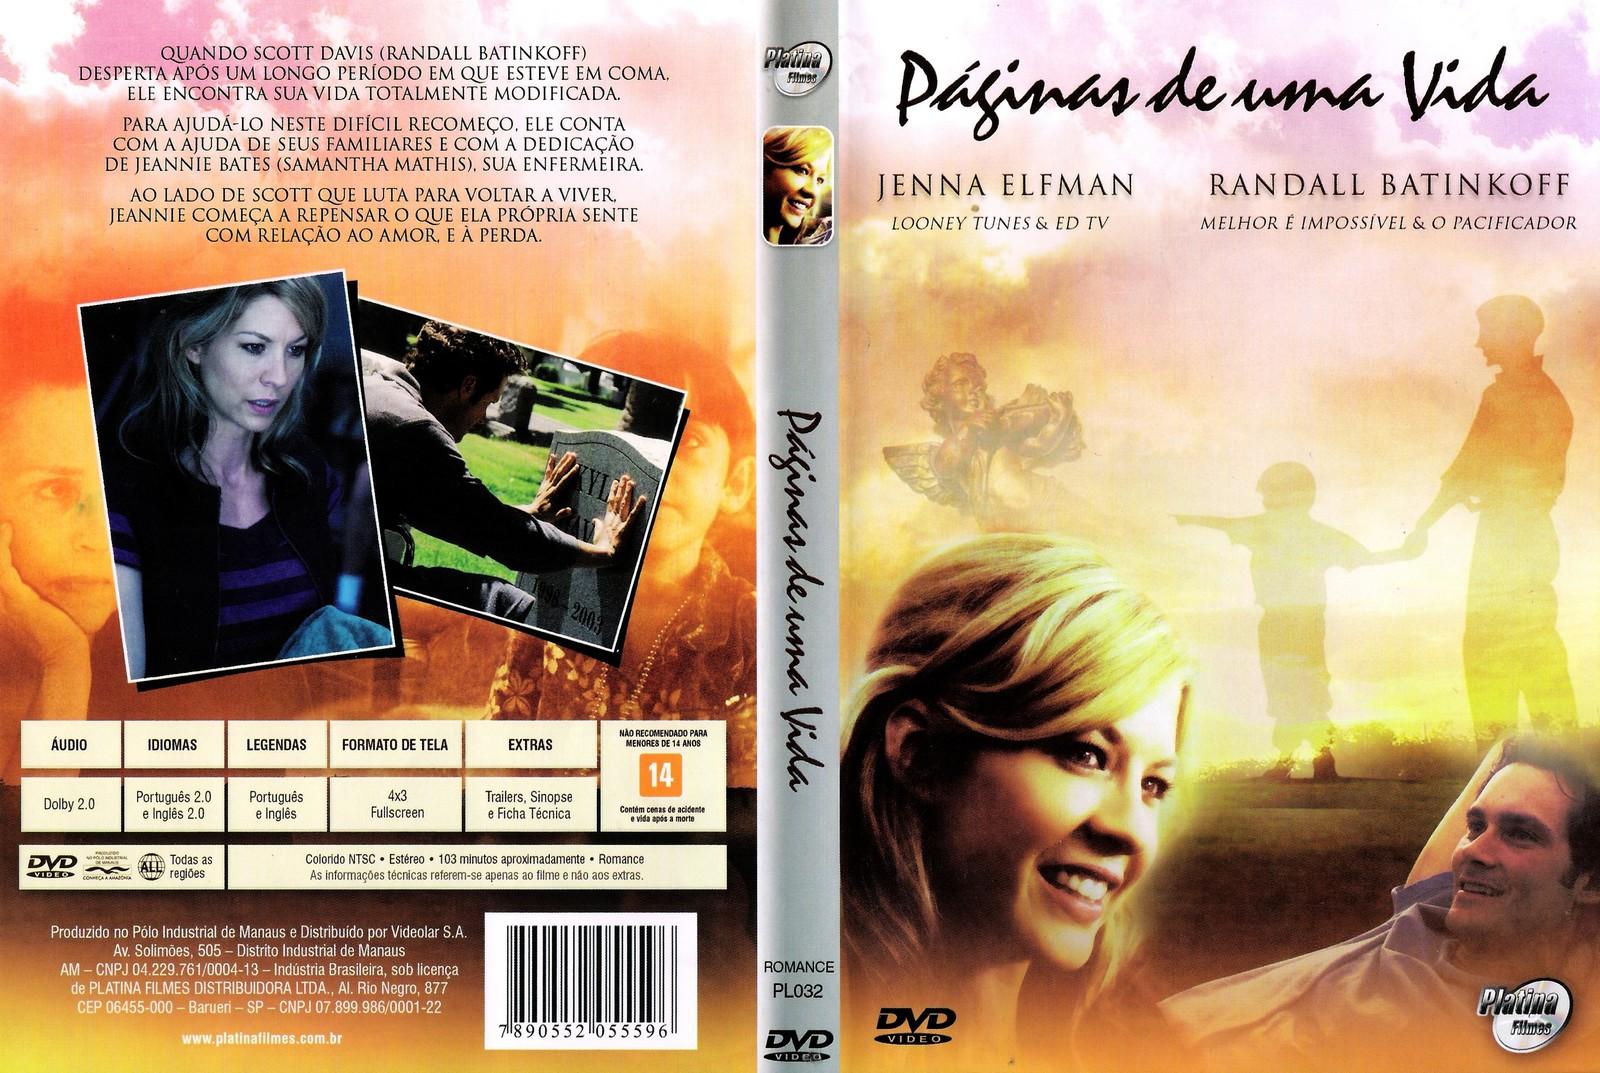 FILMES ONLINE: PÁGINAS DE UMA VIDA